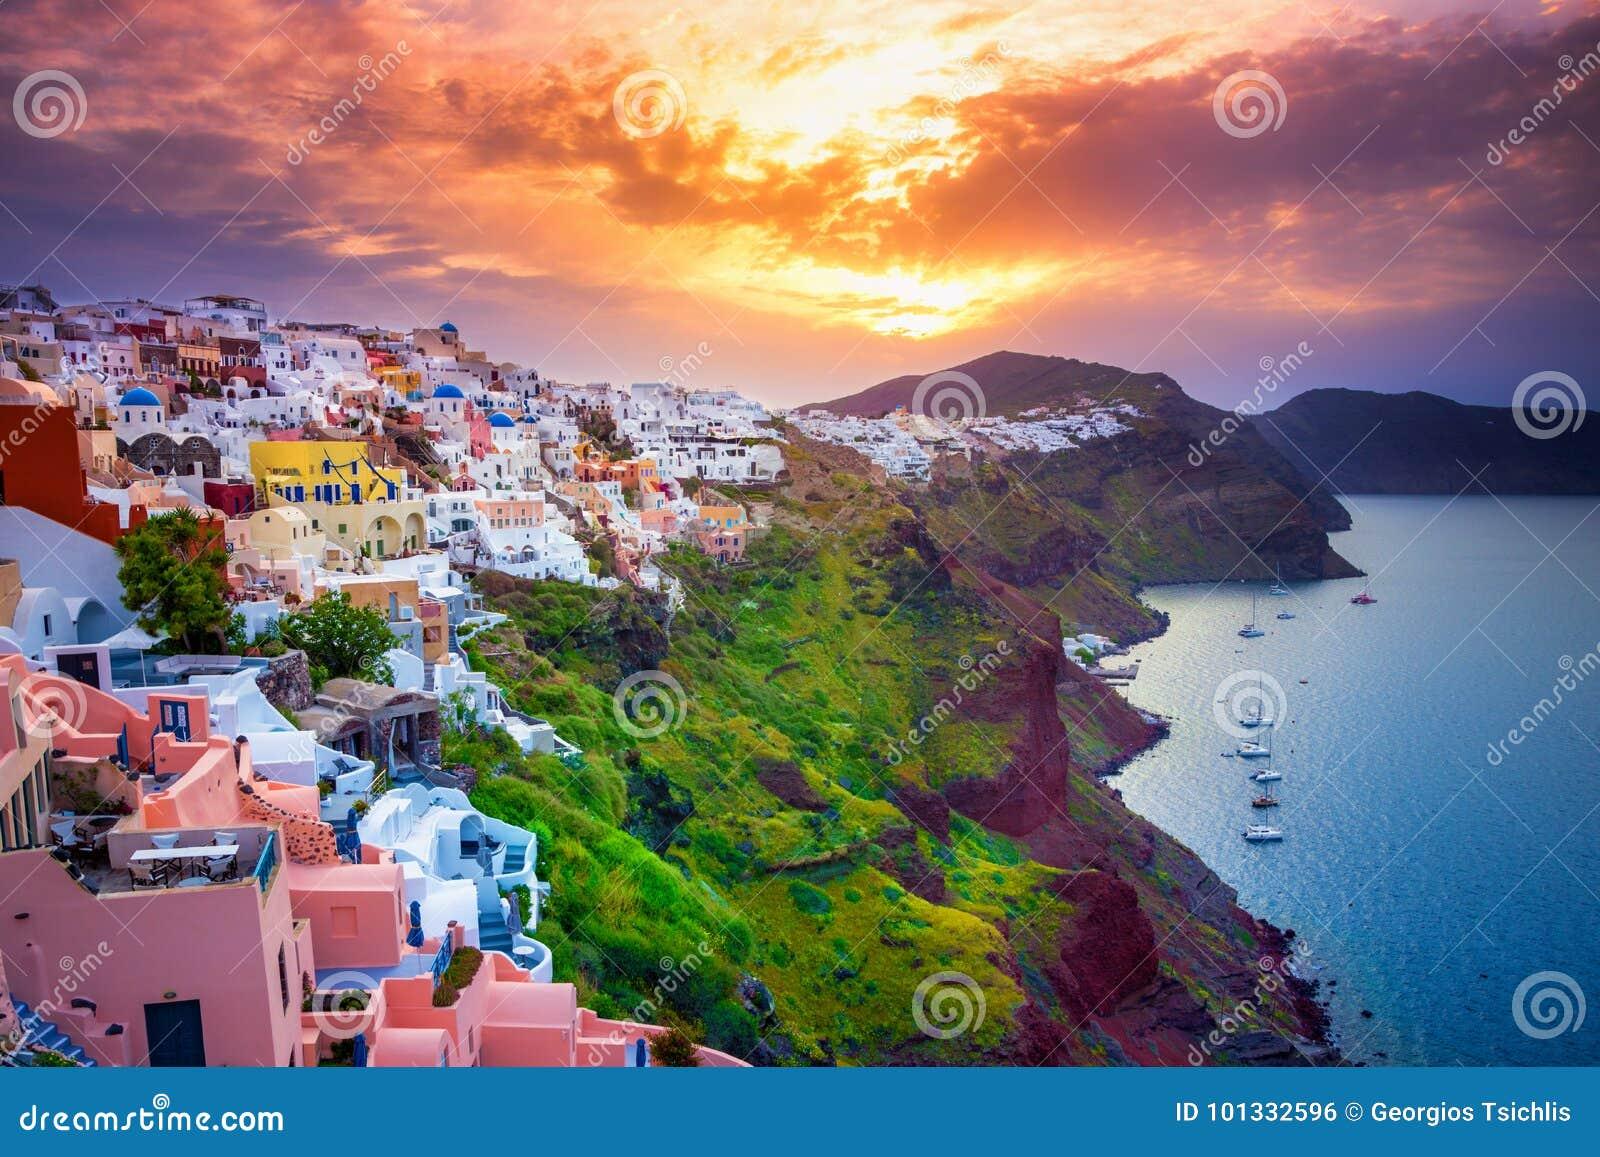 Cidade de Oia na ilha de Santorini, Grécia Casas e igrejas tradicionais e famosas com as abóbadas azuis sobre o Caldera